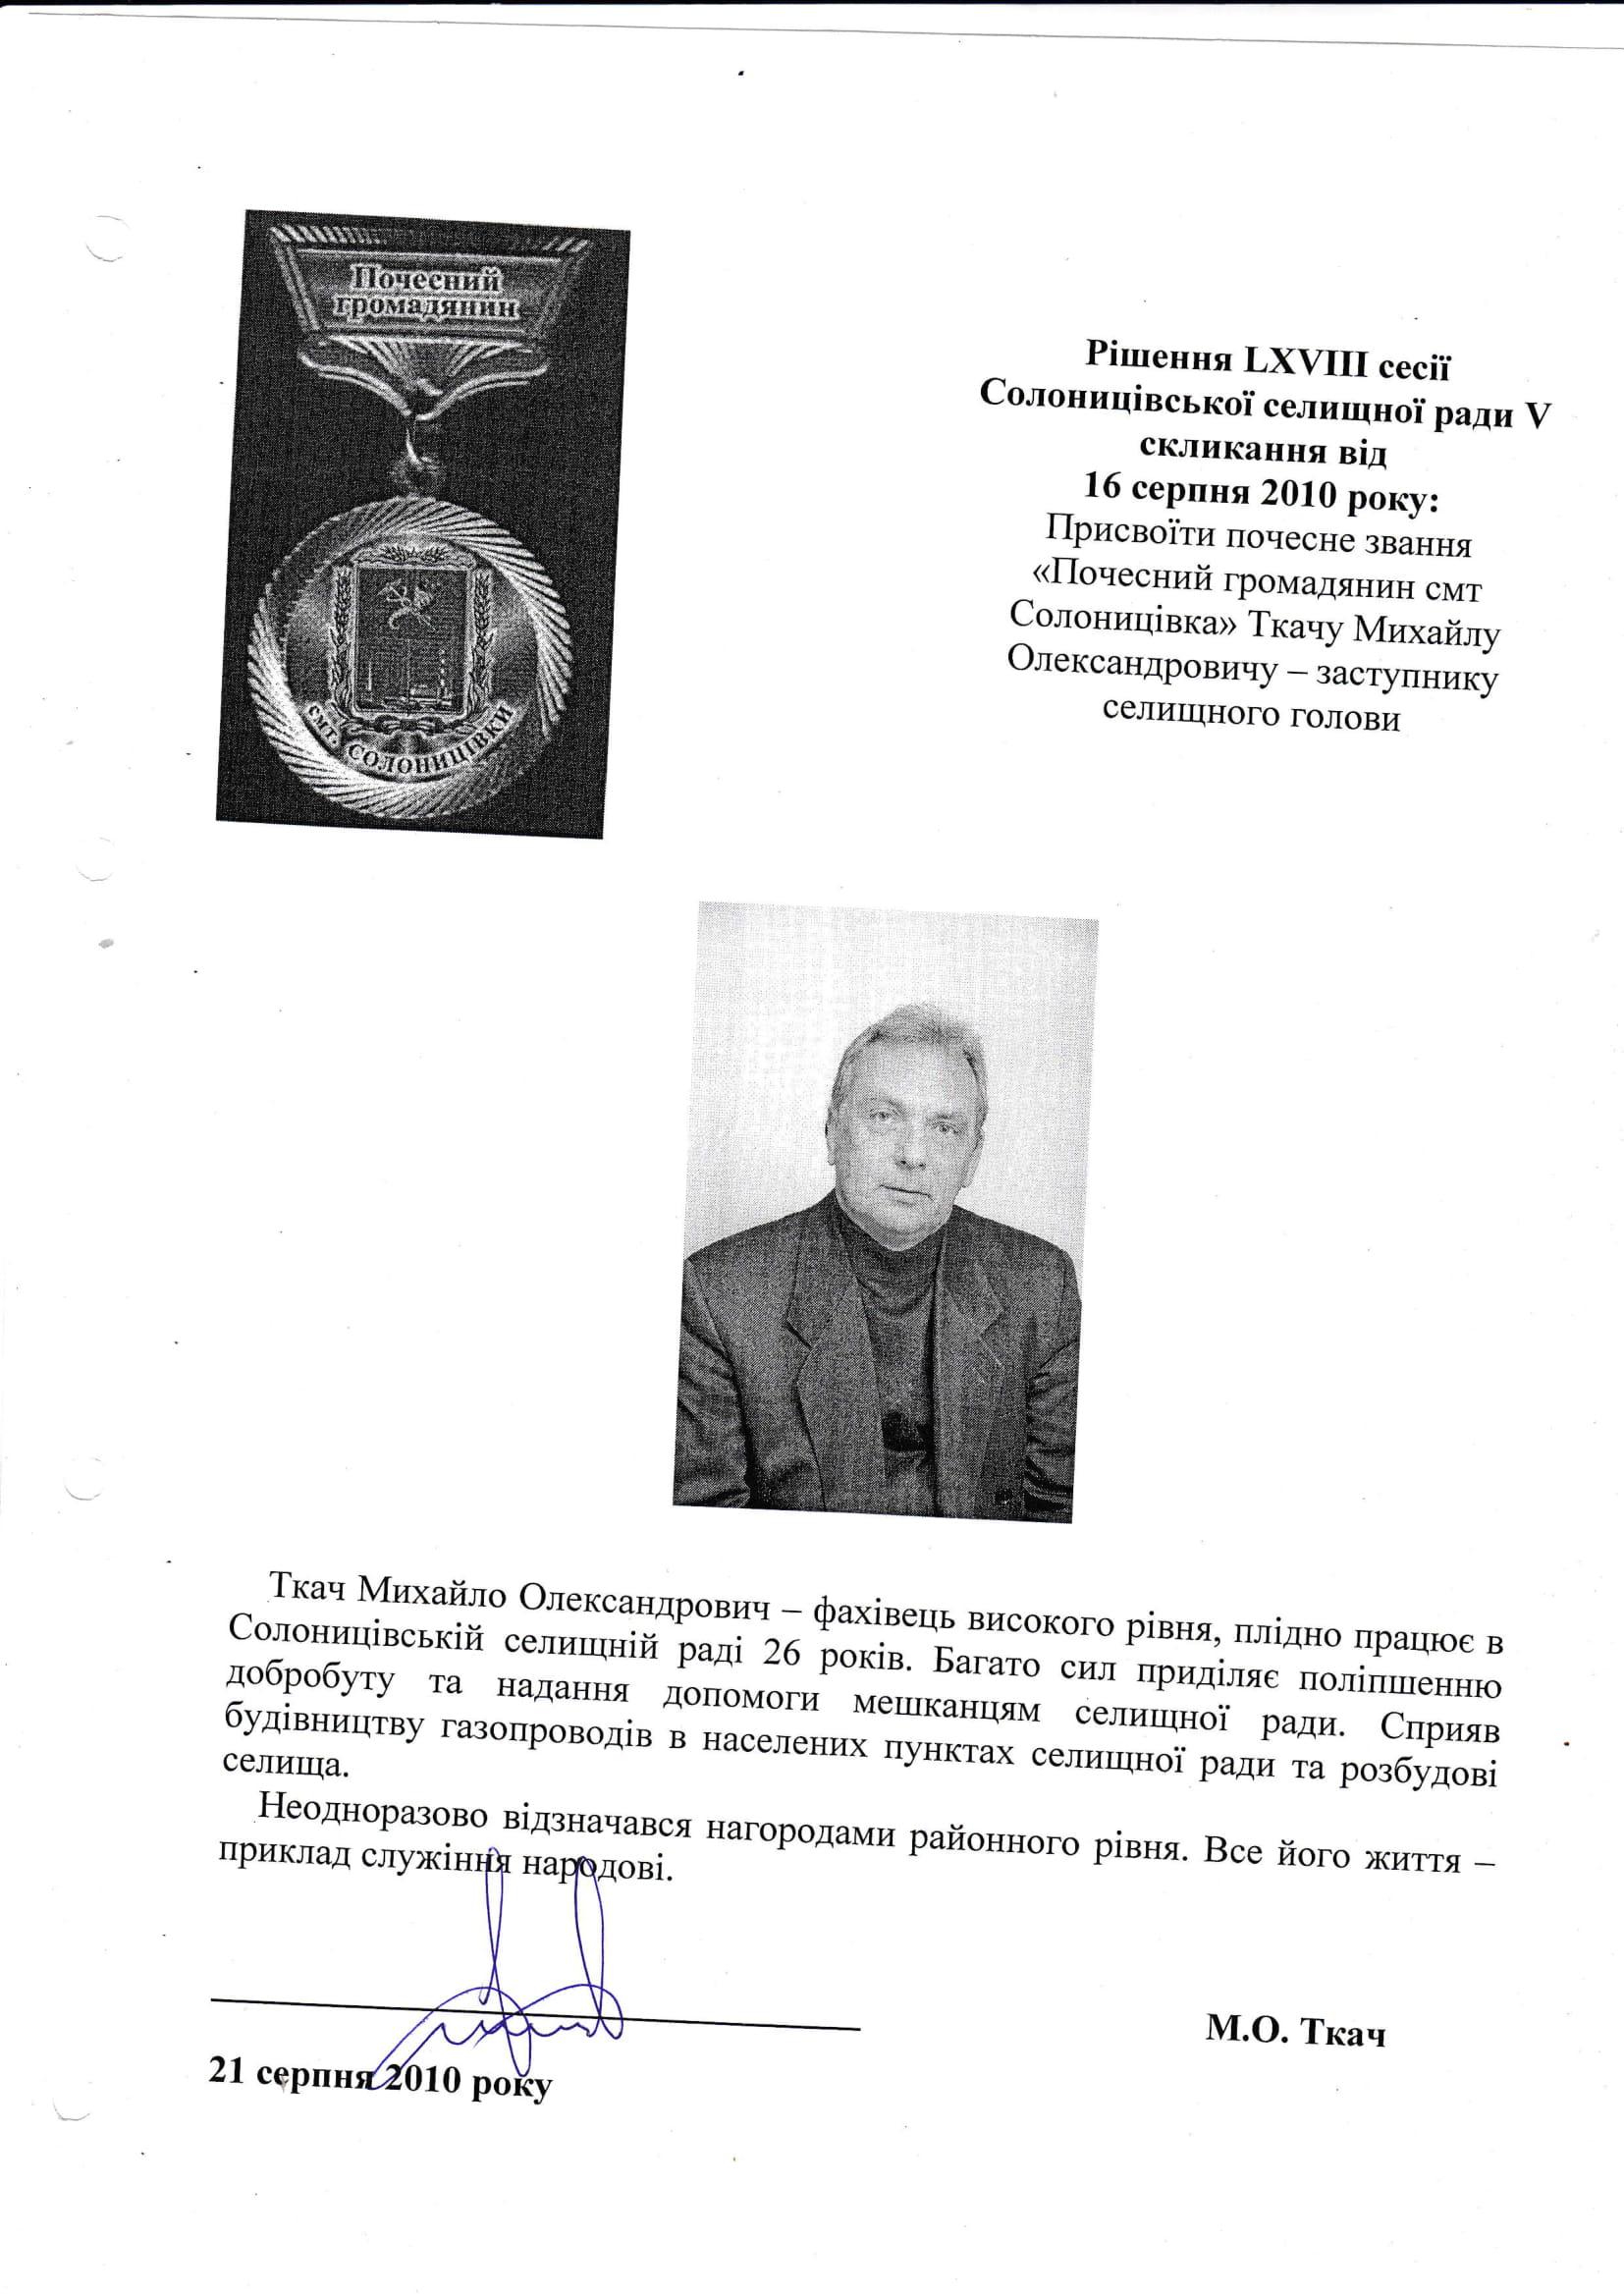 Ткач Михайло Олександрович